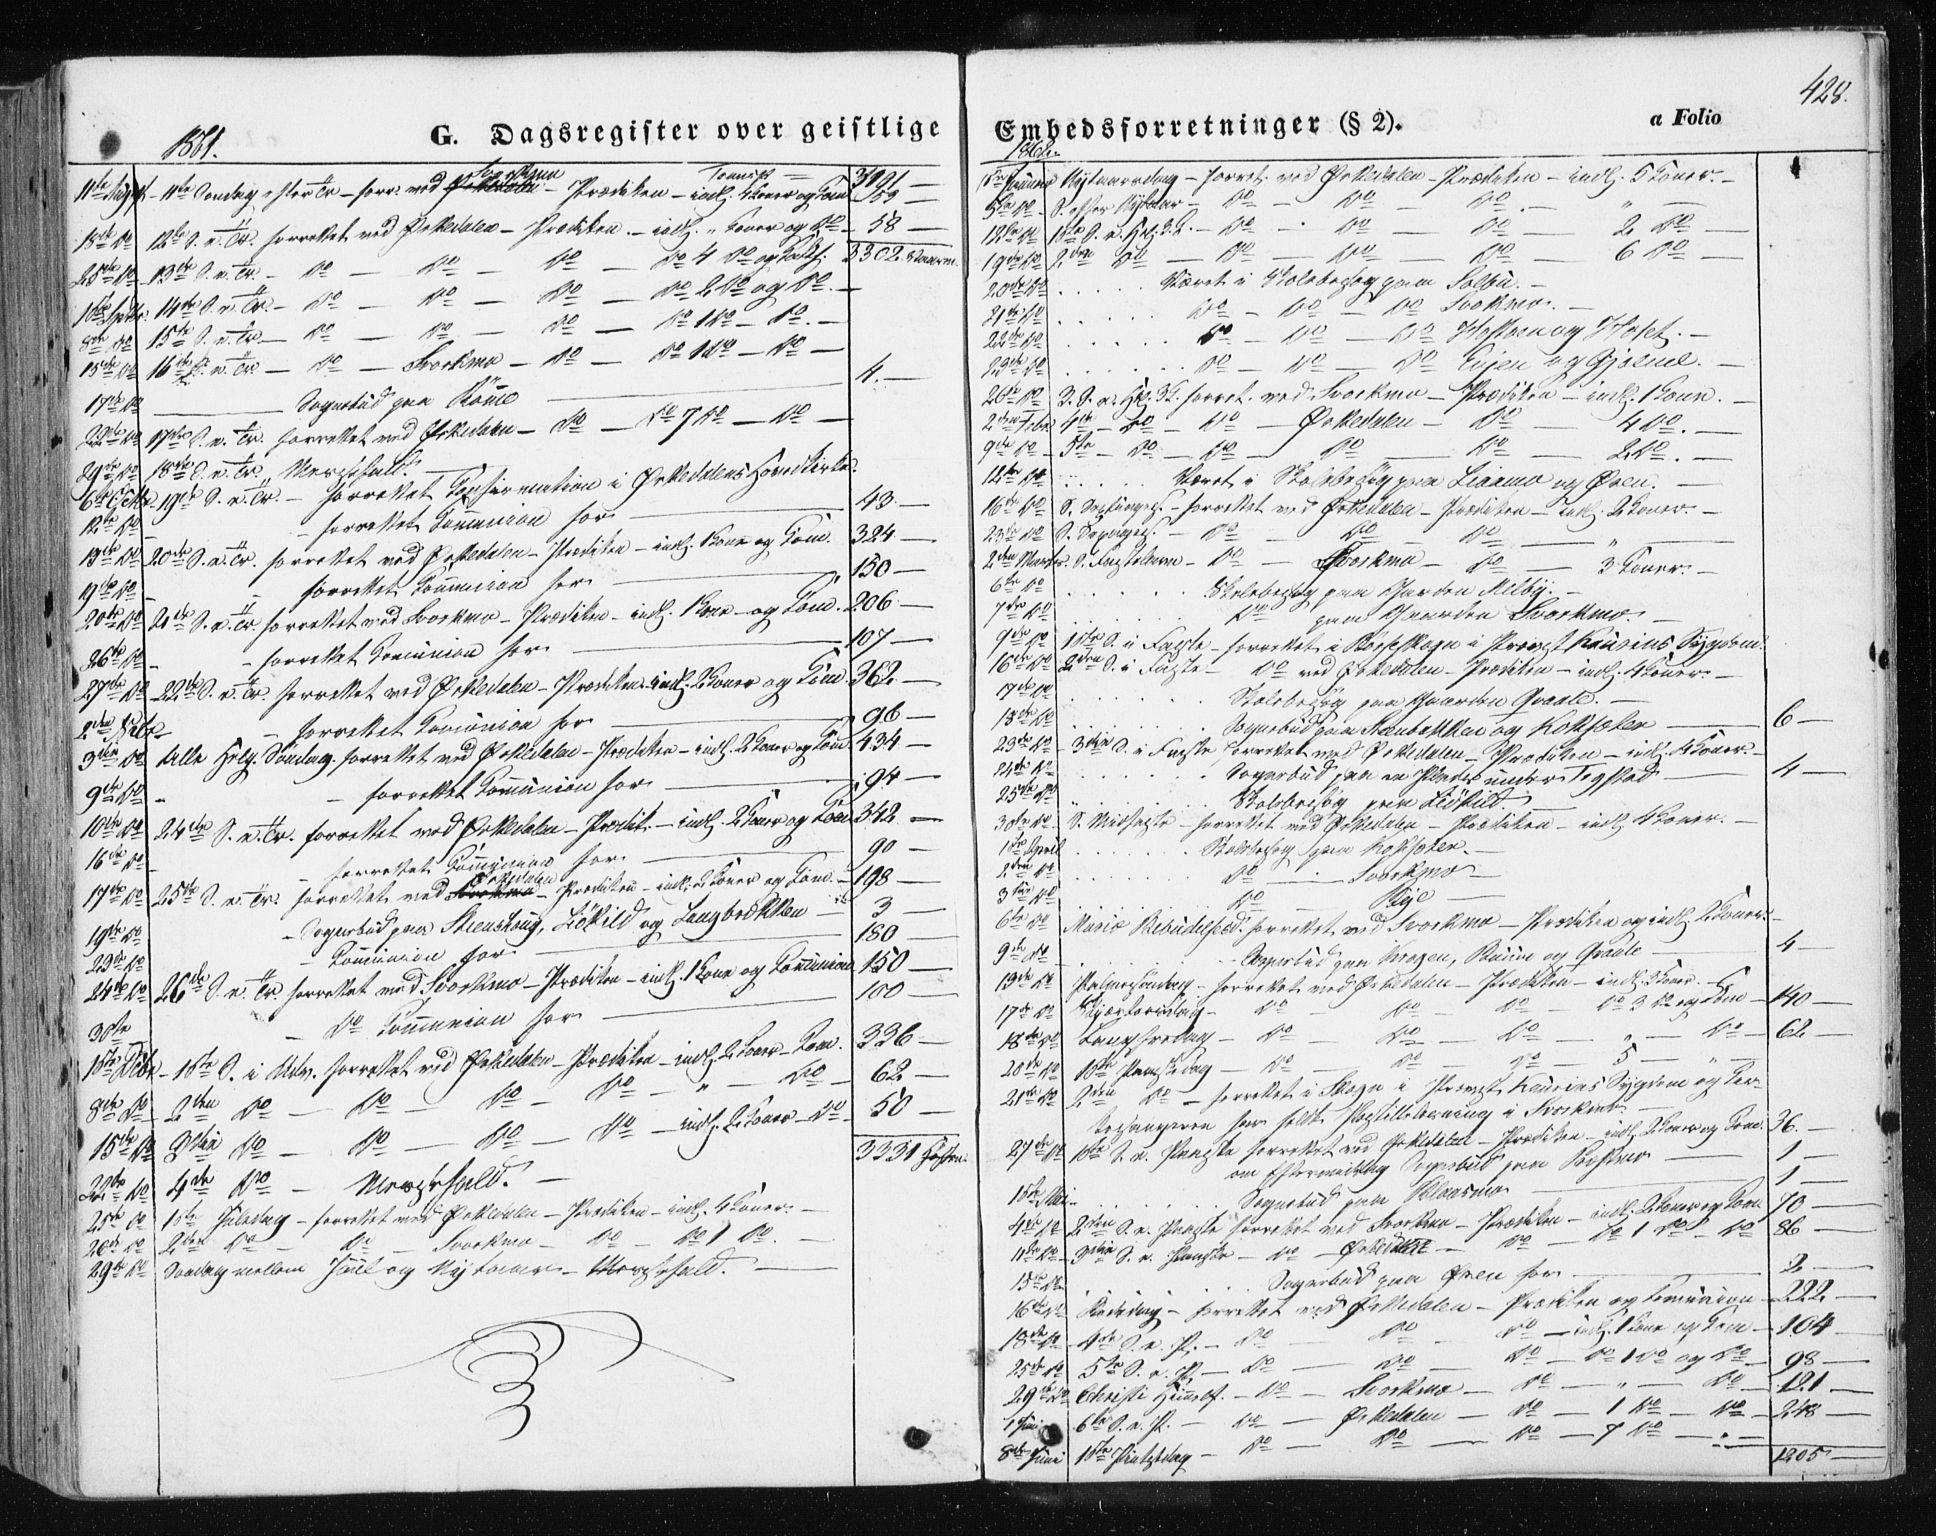 SAT, Ministerialprotokoller, klokkerbøker og fødselsregistre - Sør-Trøndelag, 668/L0806: Ministerialbok nr. 668A06, 1854-1869, s. 428